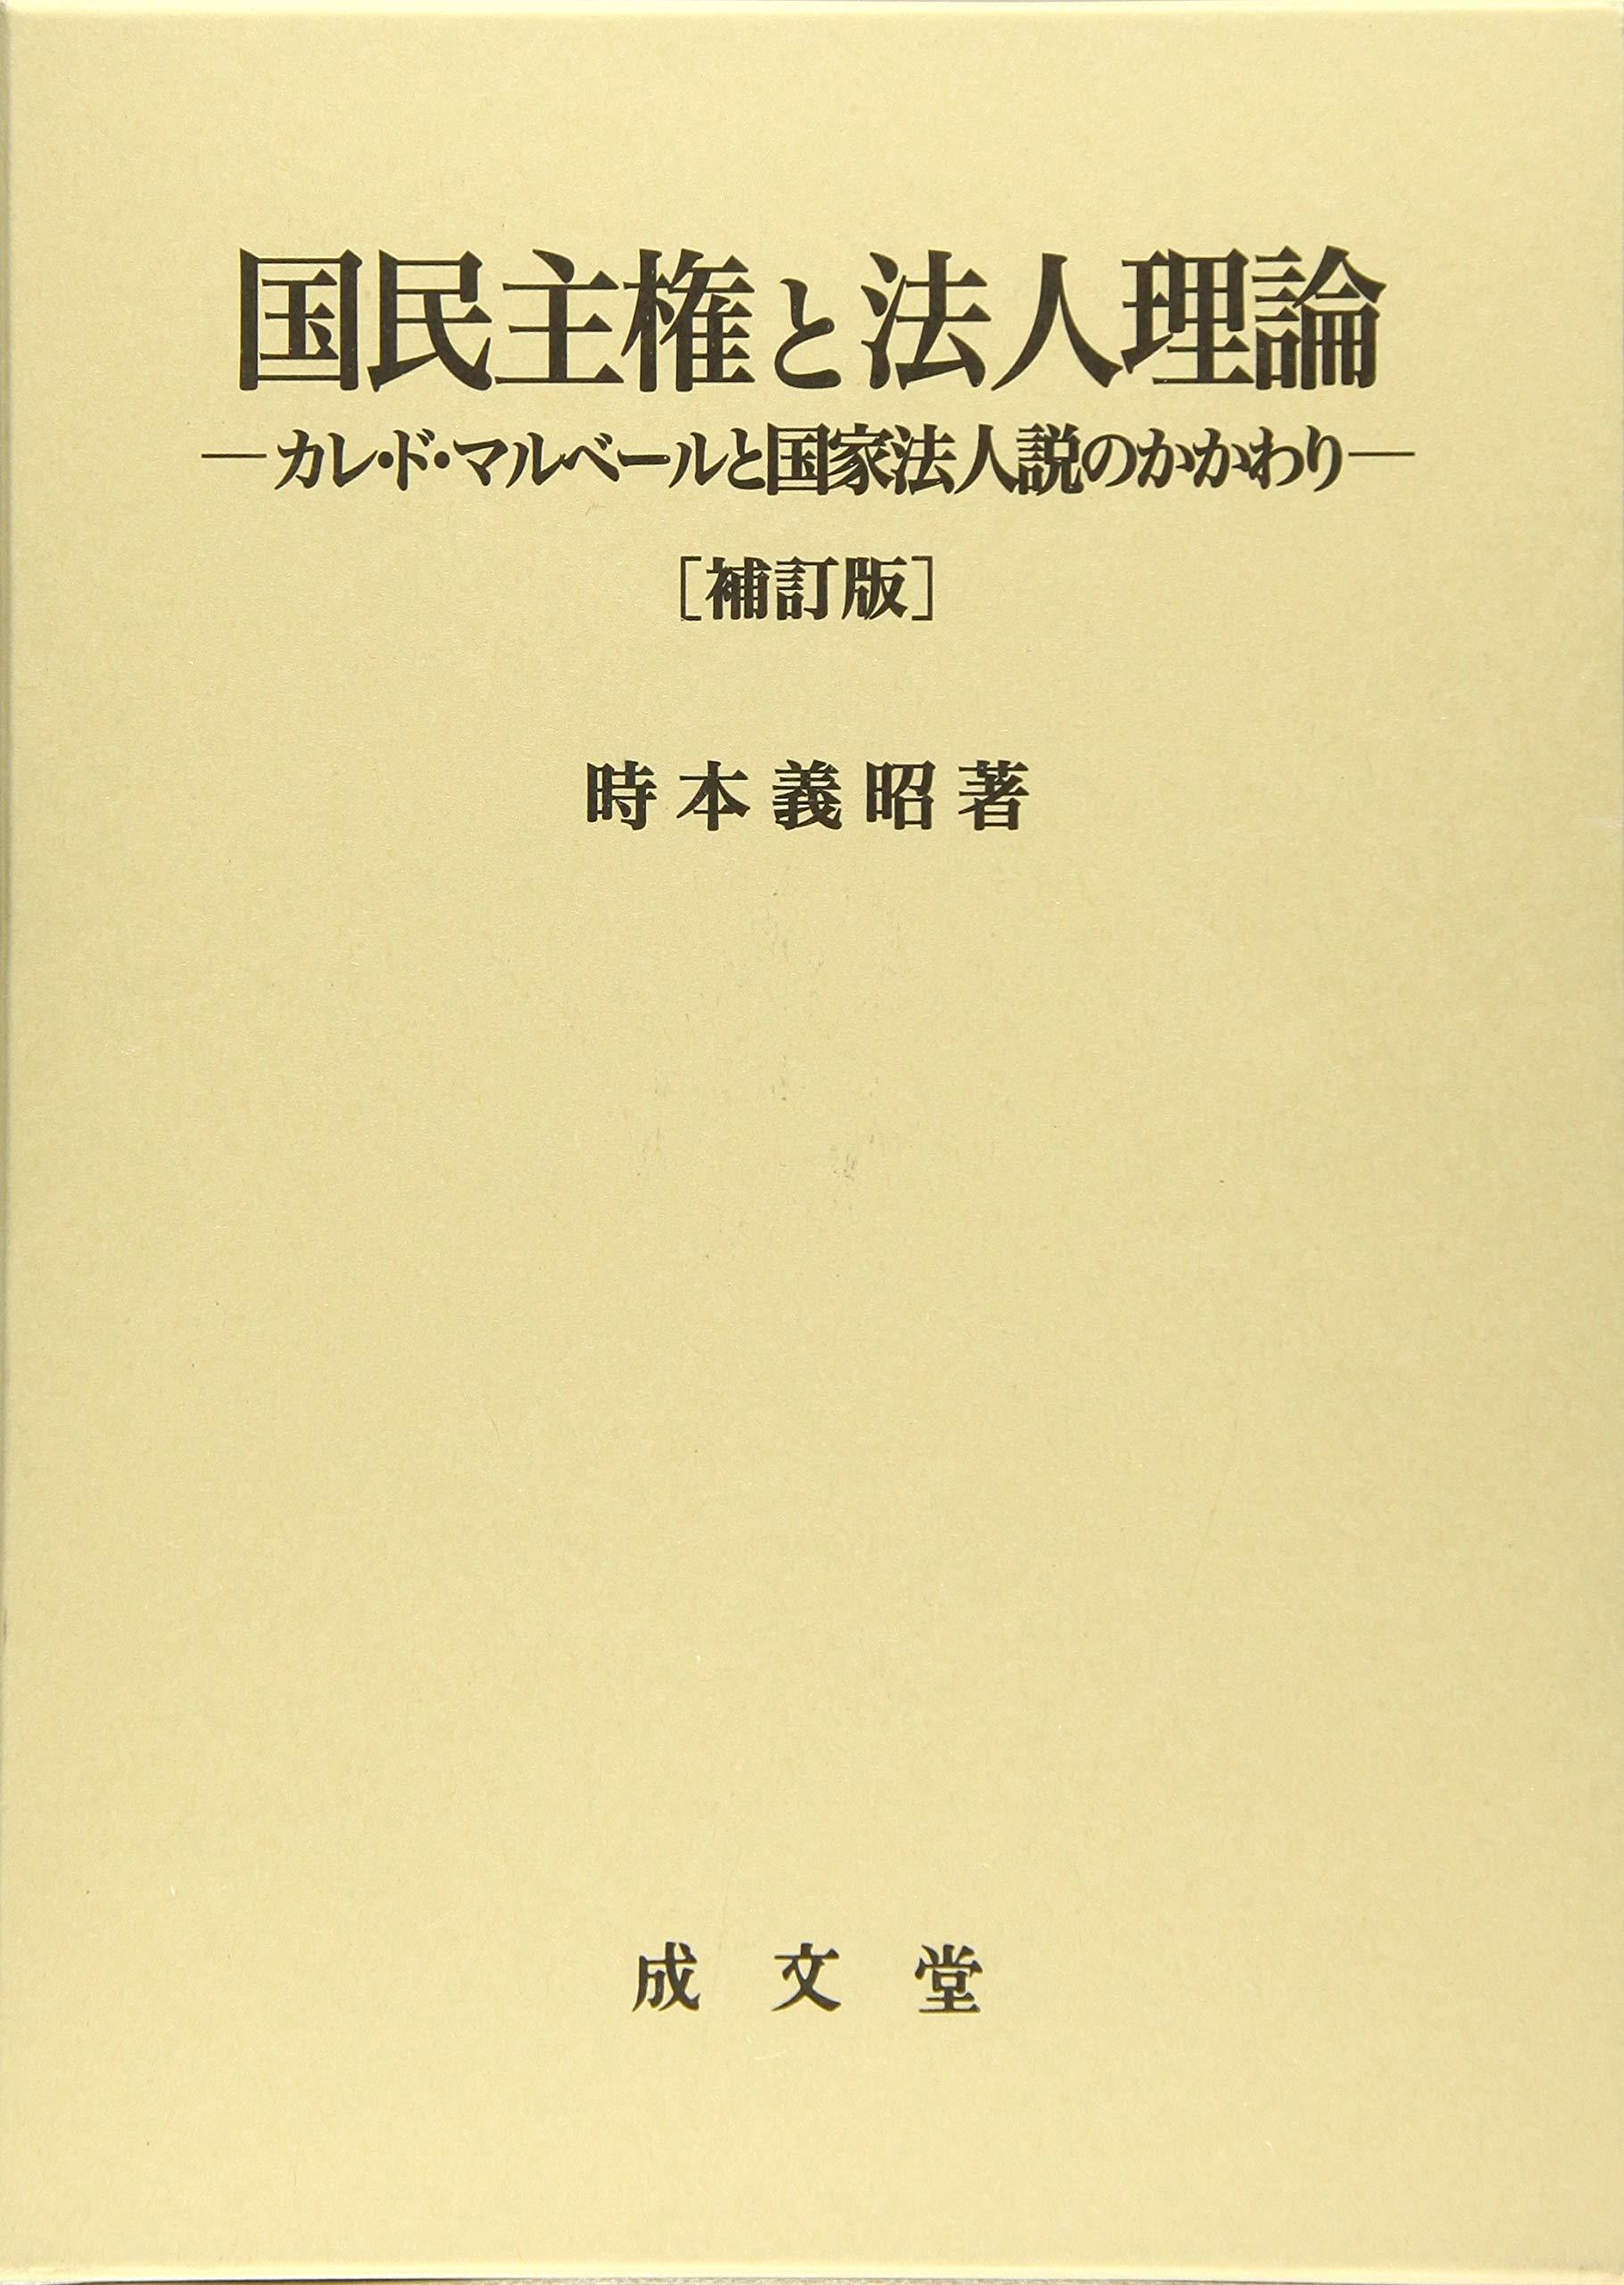 国民主権と法人理論 補訂版 | 時本義昭 |本 | 通販 | Amazon